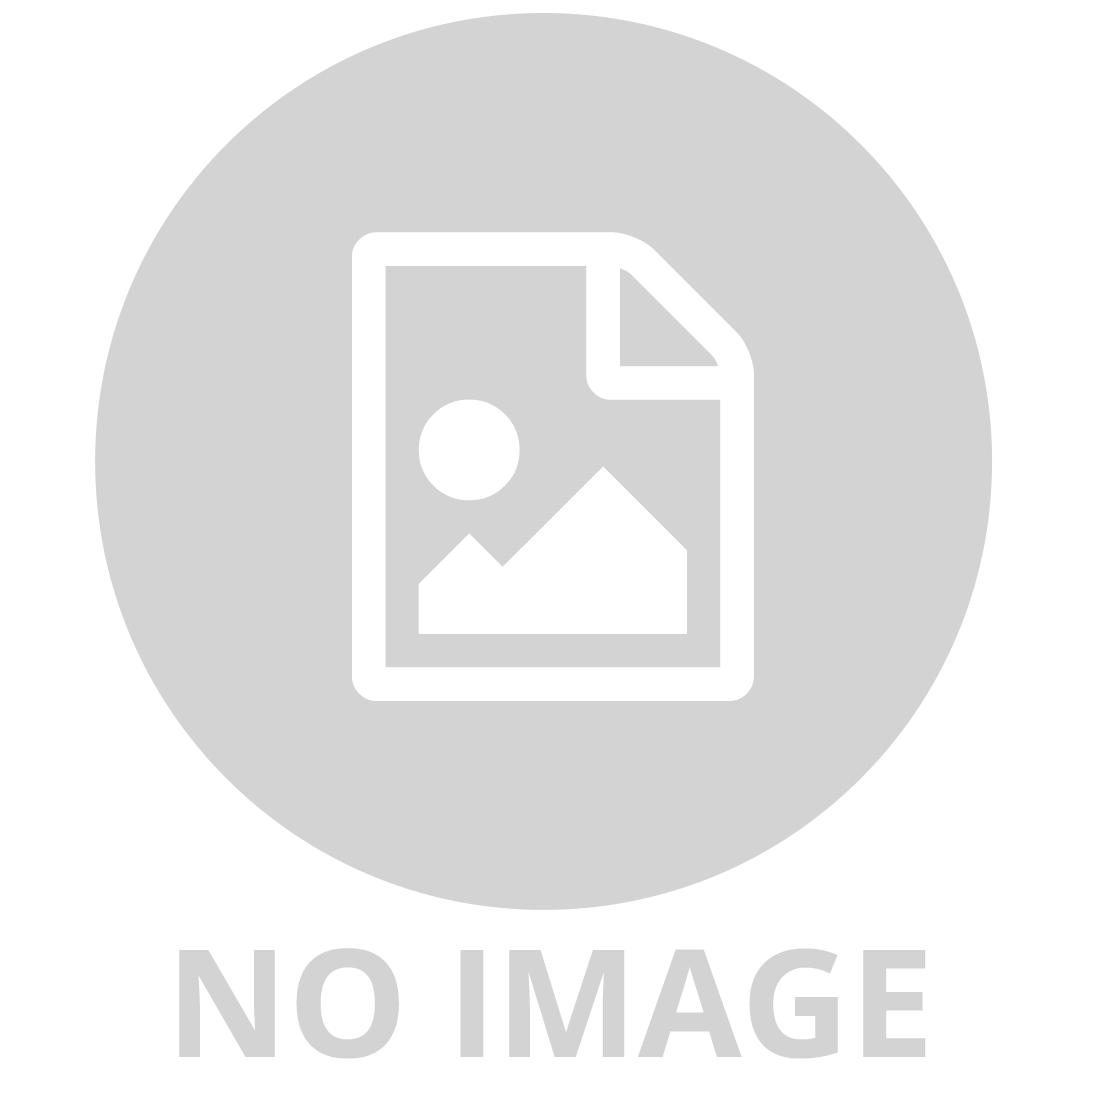 LEGO BATMAN MOVIE LEDLITE KEY RING